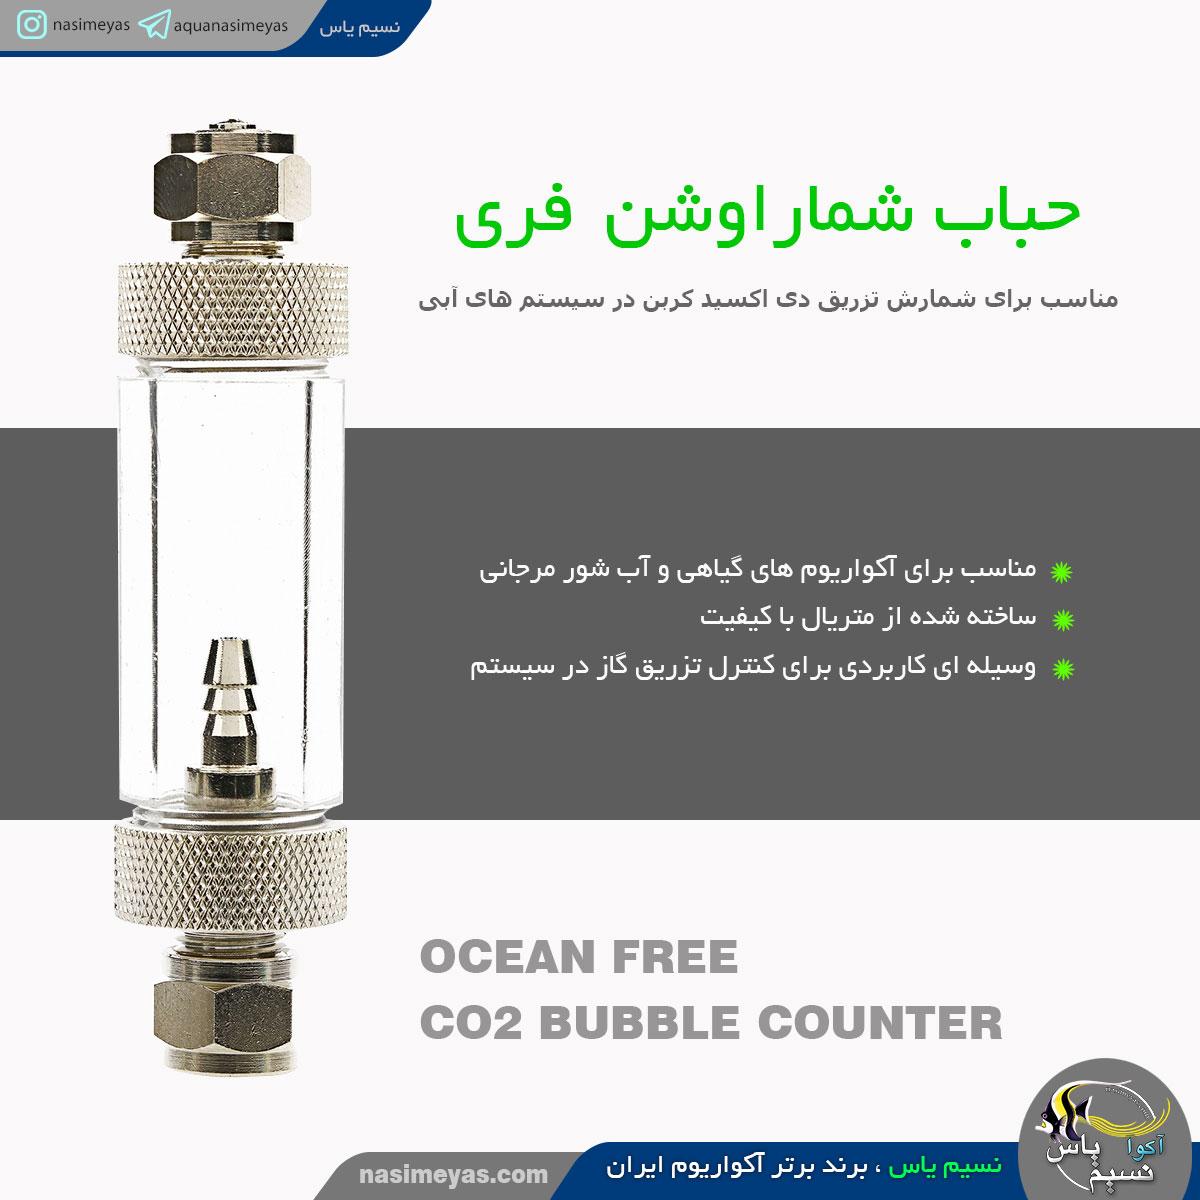 OCEAN FREE CO2 Bubble Counter